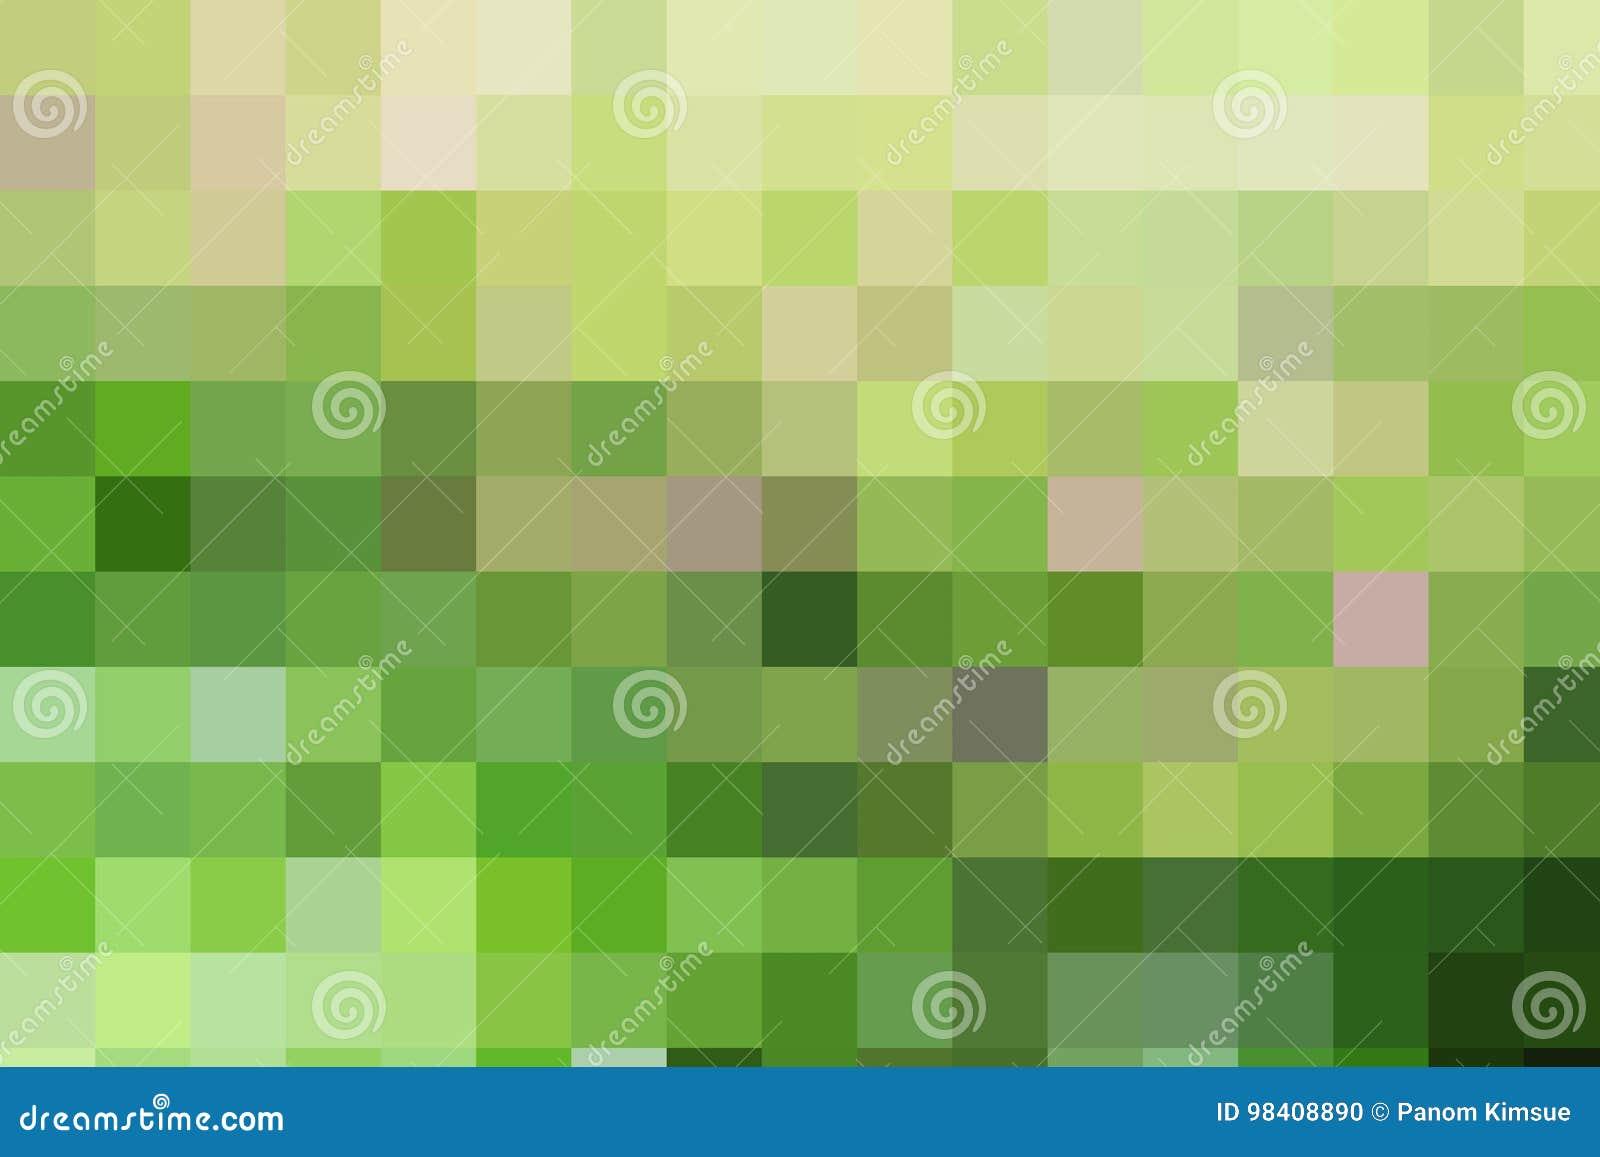 Groene Mozaiek Tegels : De abstracte groene gele bruine tegels van het kleuren geometrische